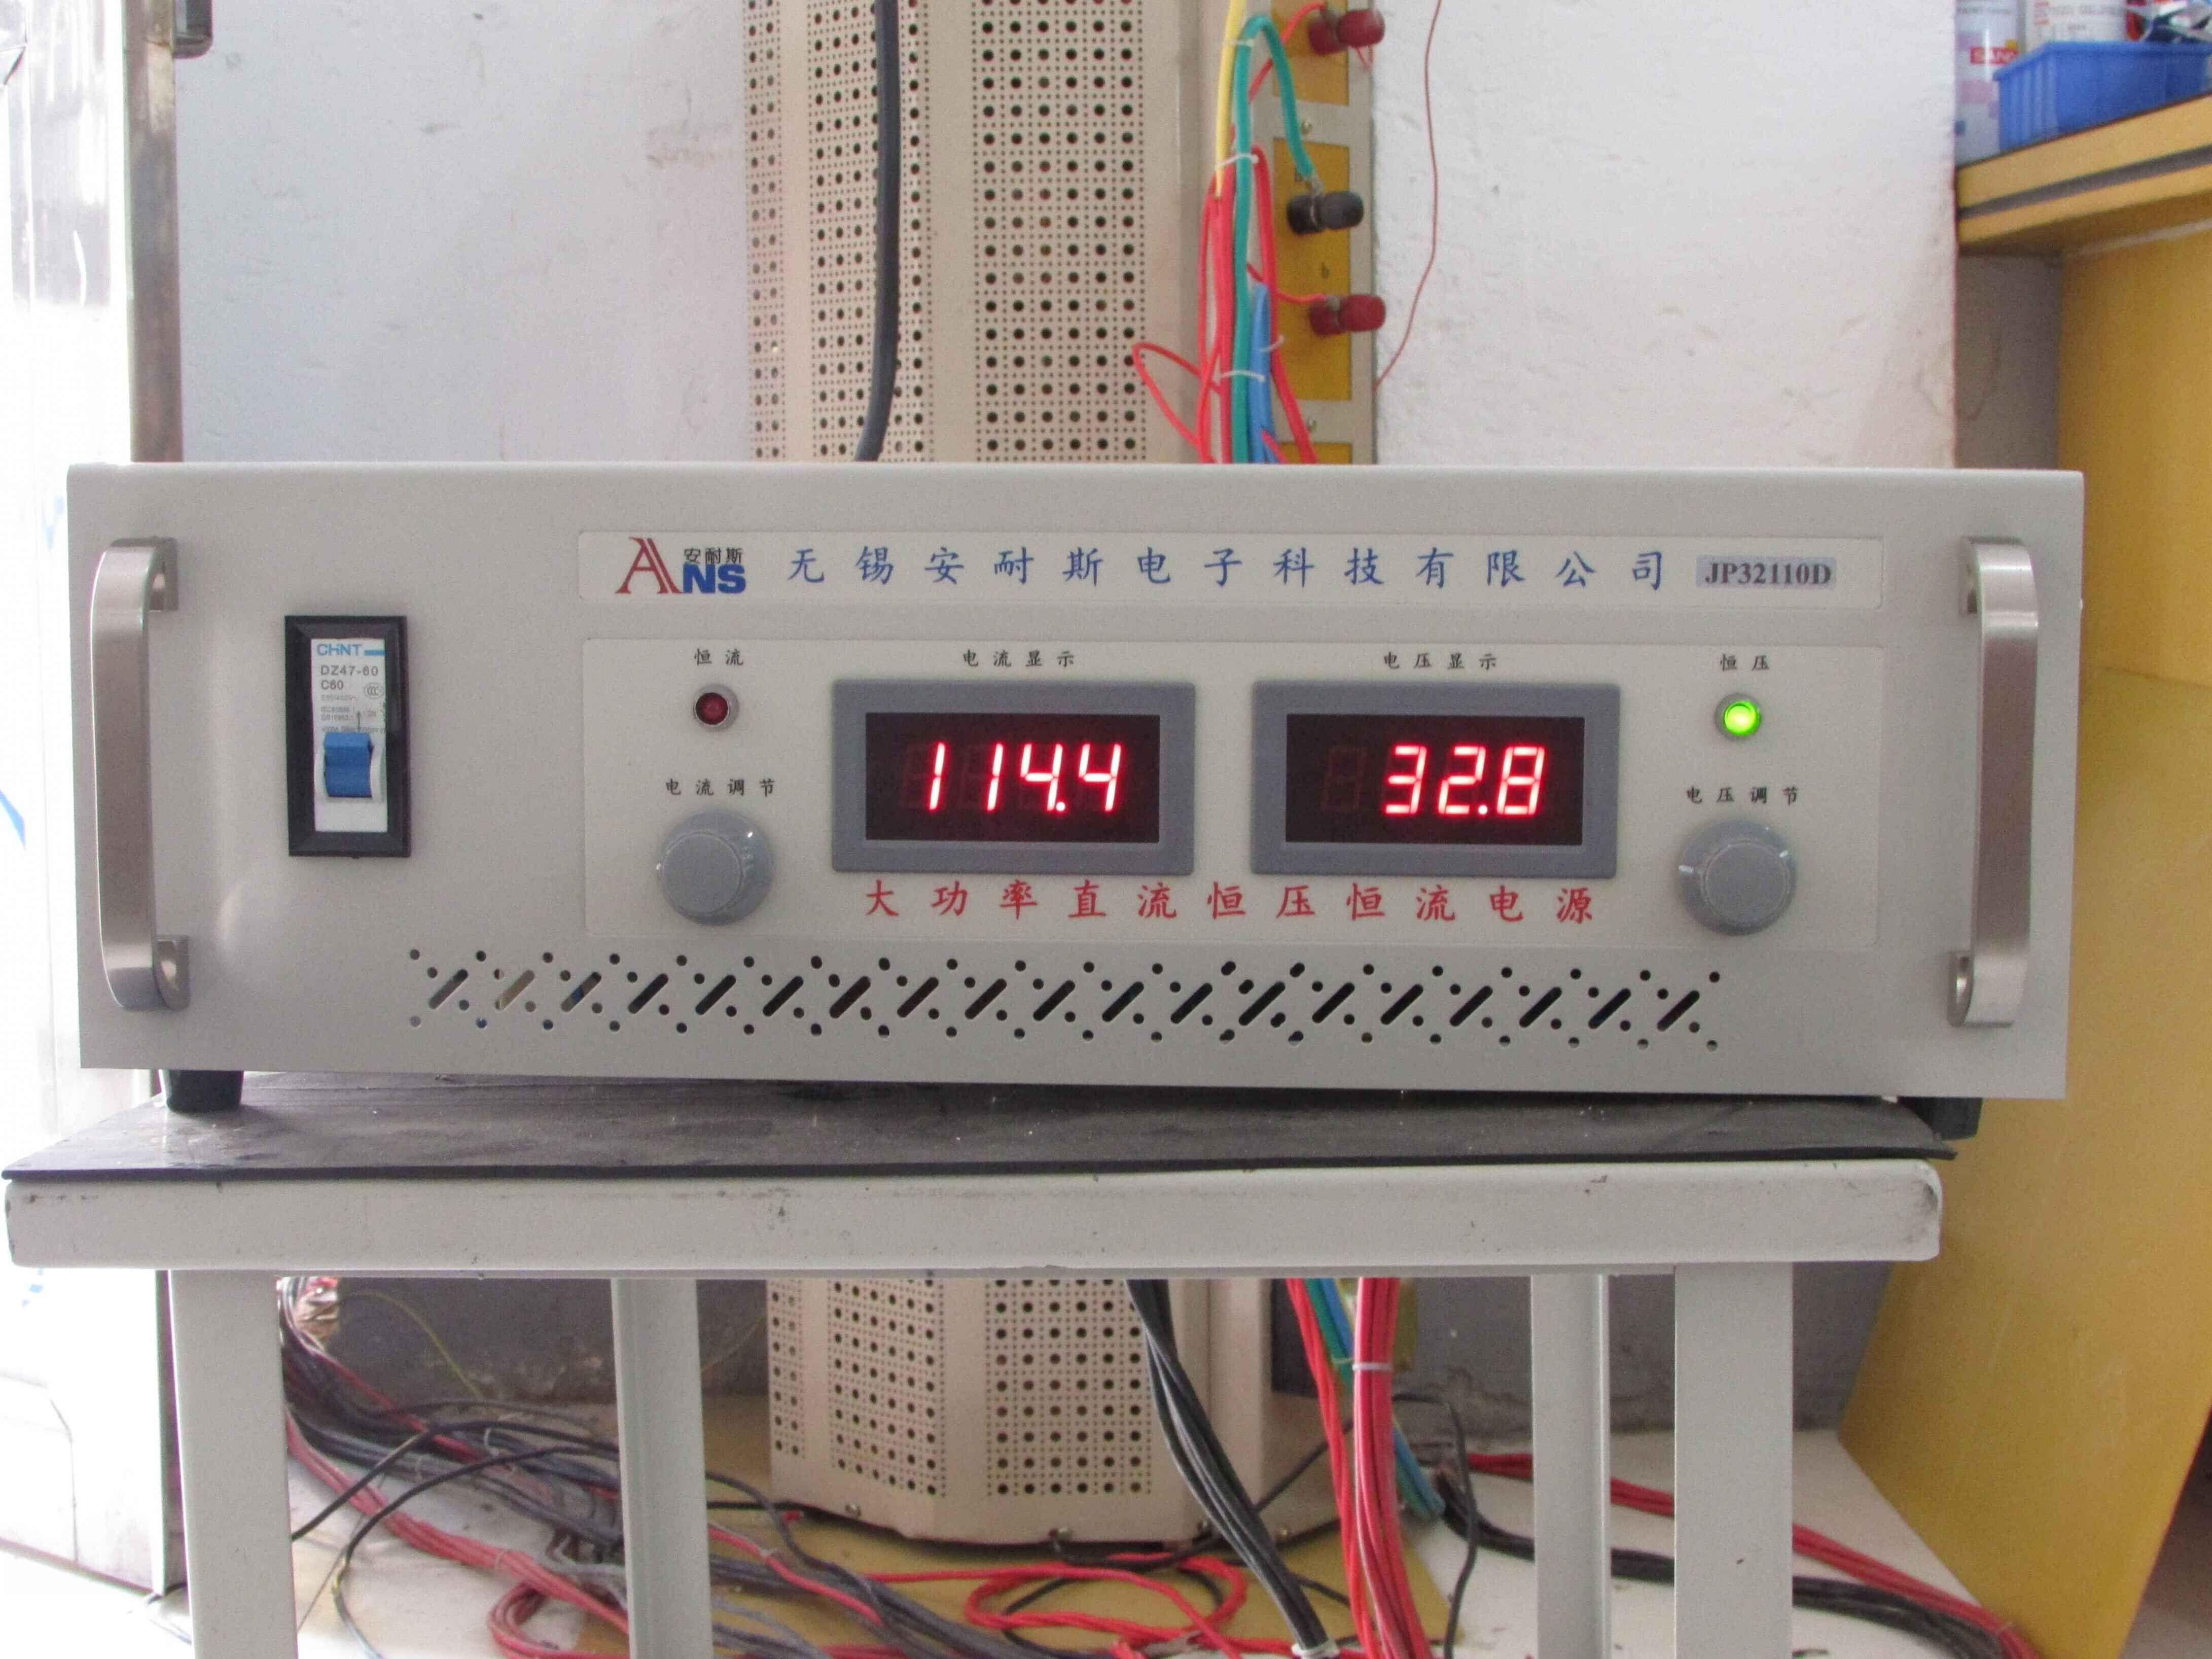 安耐斯JP50080D可调直流电源0-500V80A直流稳压